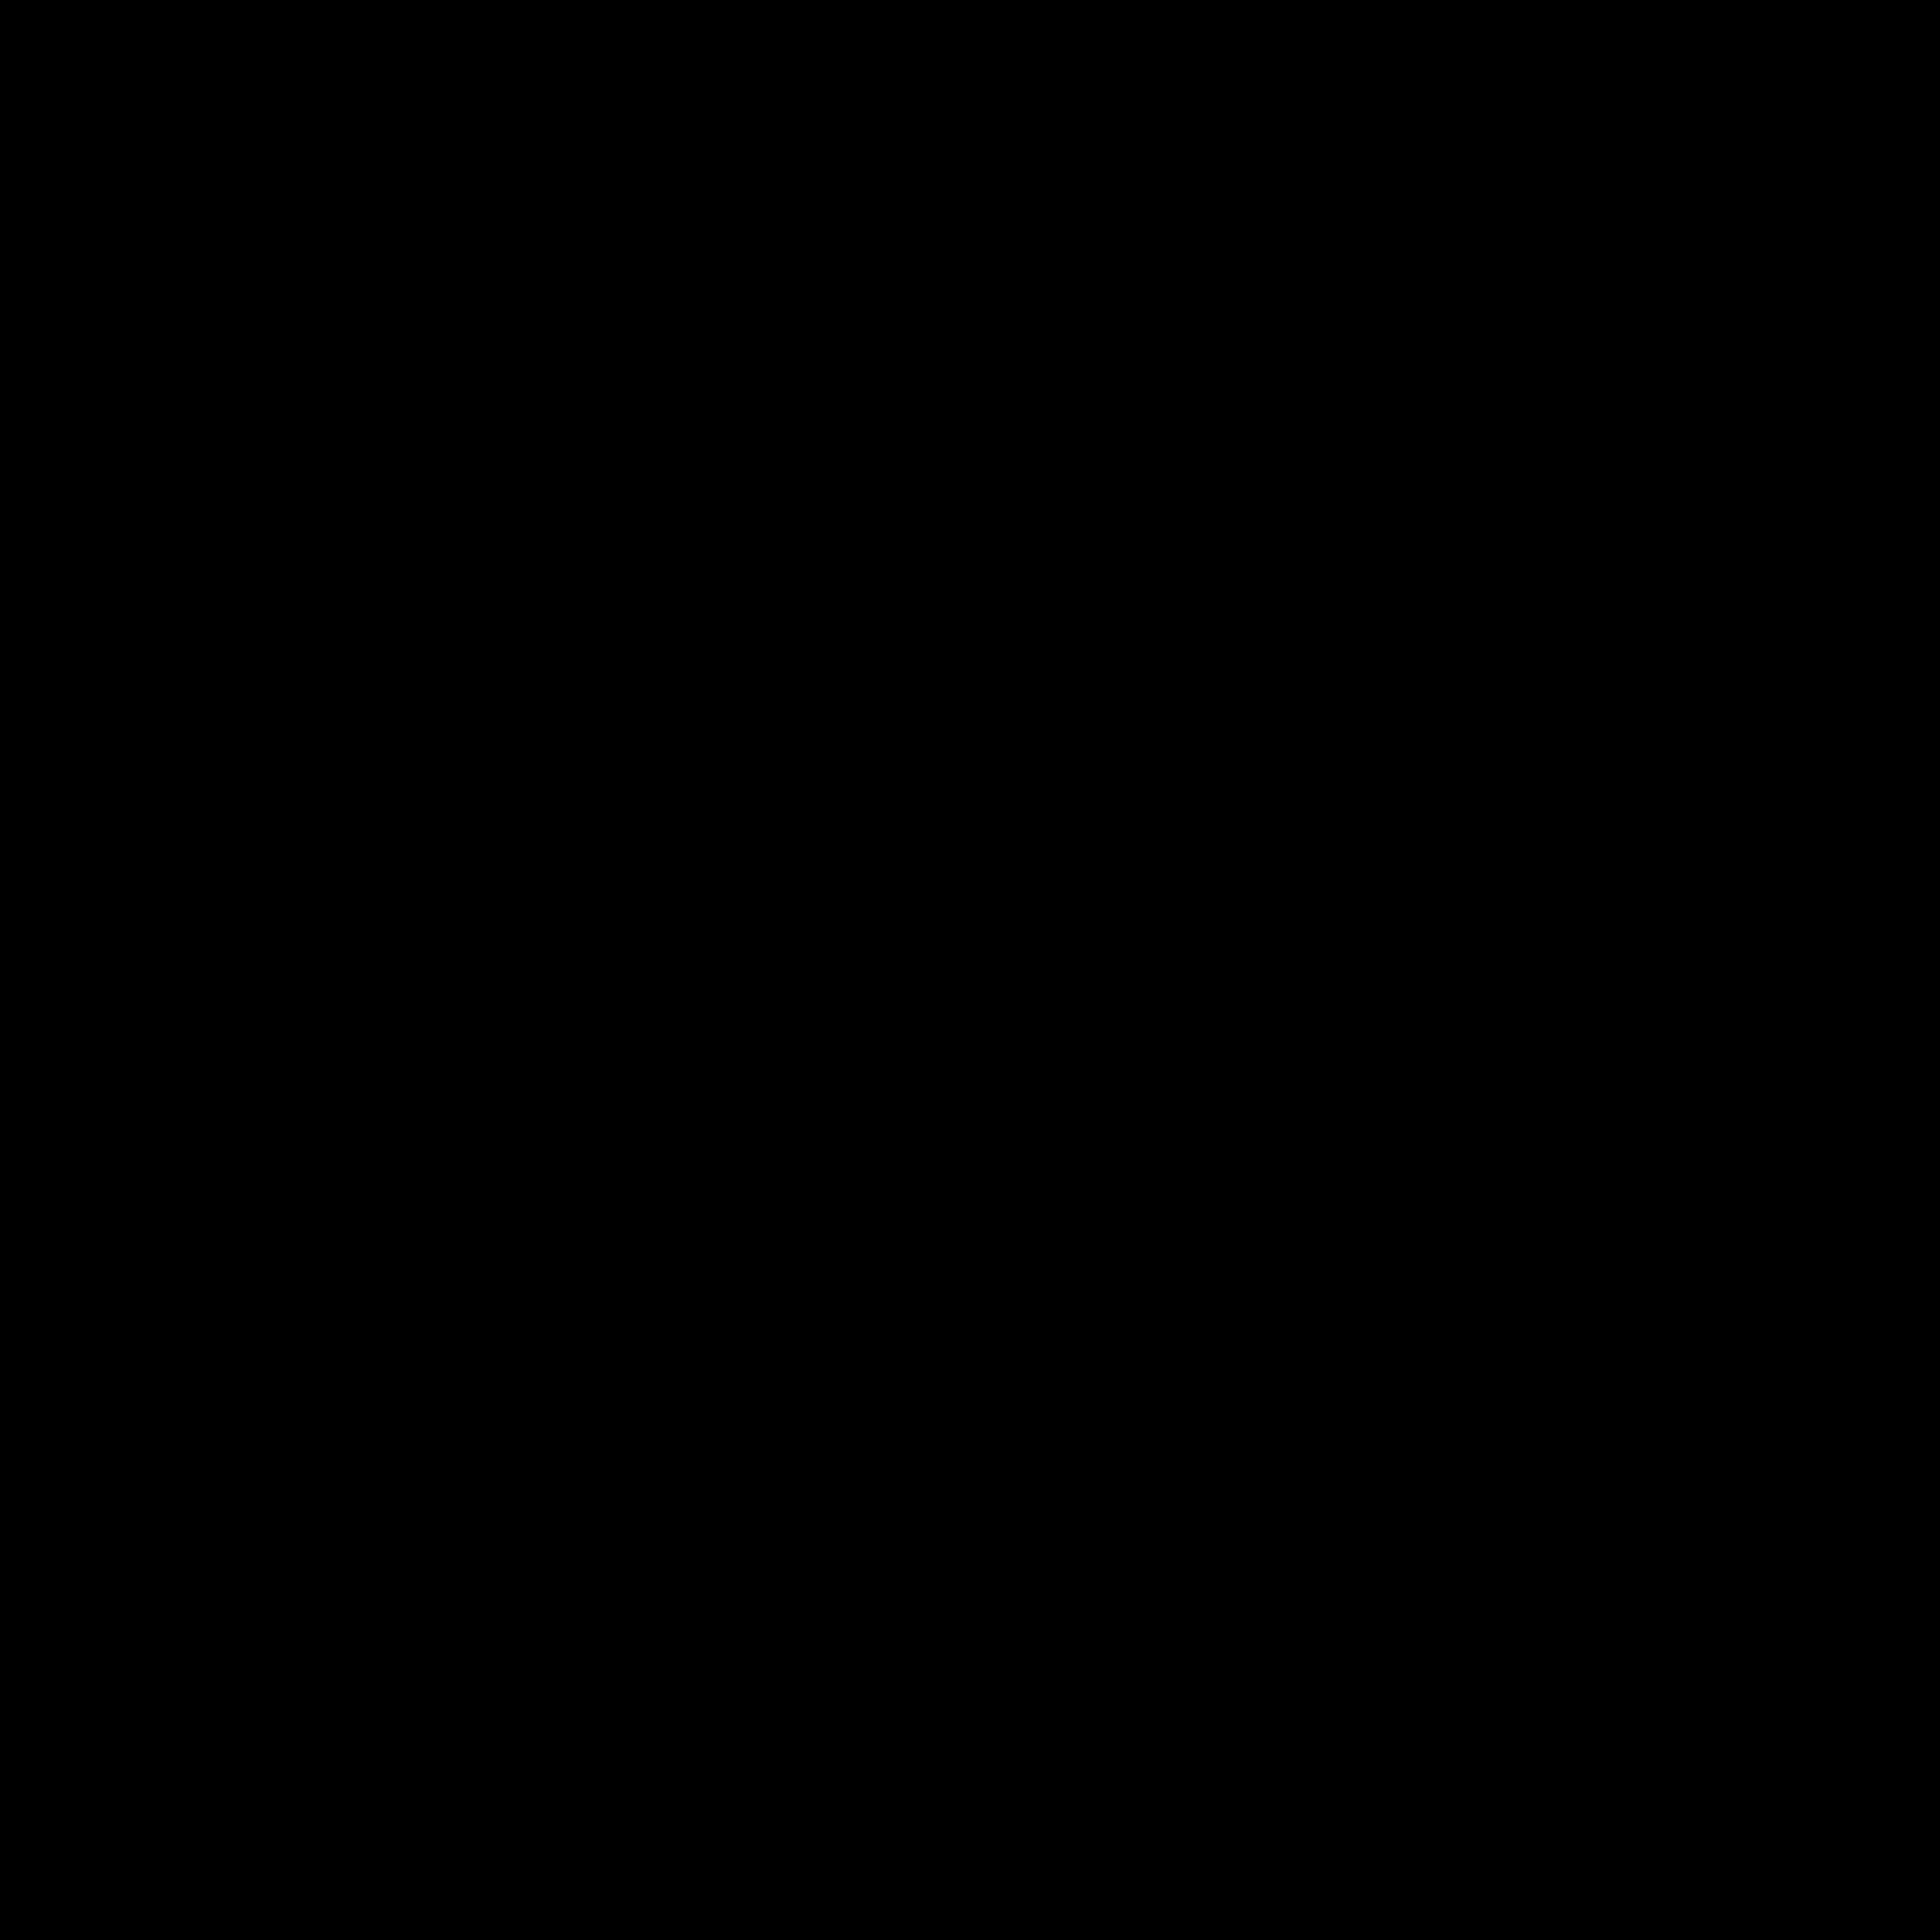 Maker's Mark Logo PNG Transparent & SVG Vector.